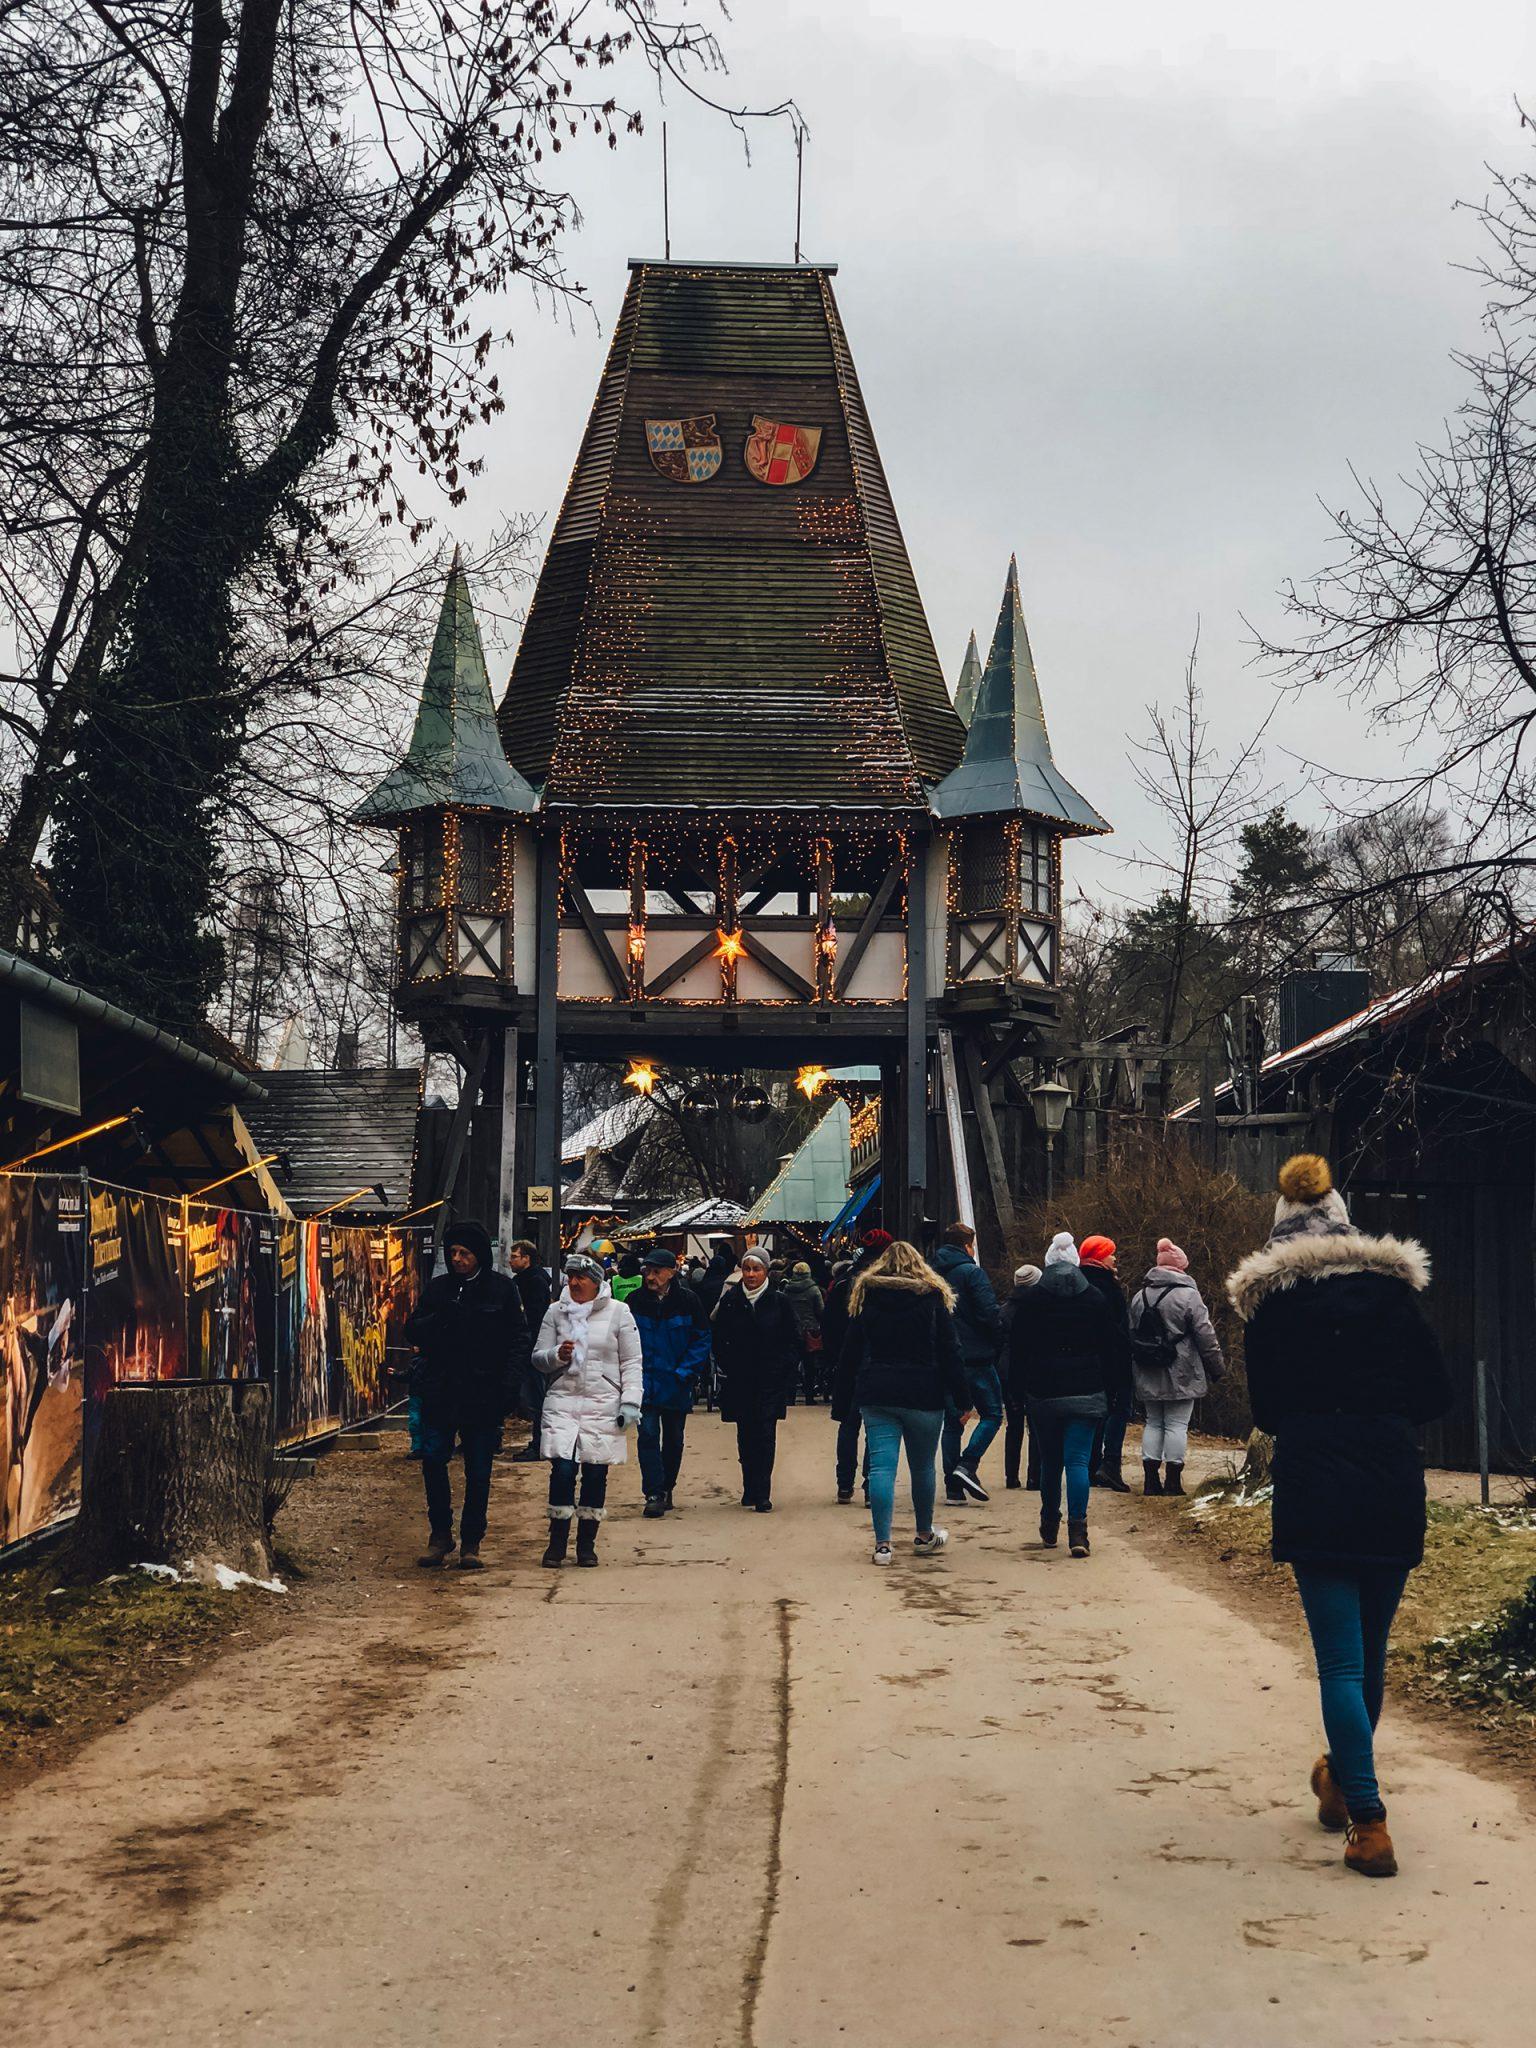 Kaltenberger Ritterturnier Märchenweihnachtsmarkt Schloss Kaltenberg Ausflugstipps für Familien - München mit Kind - Mama Blog